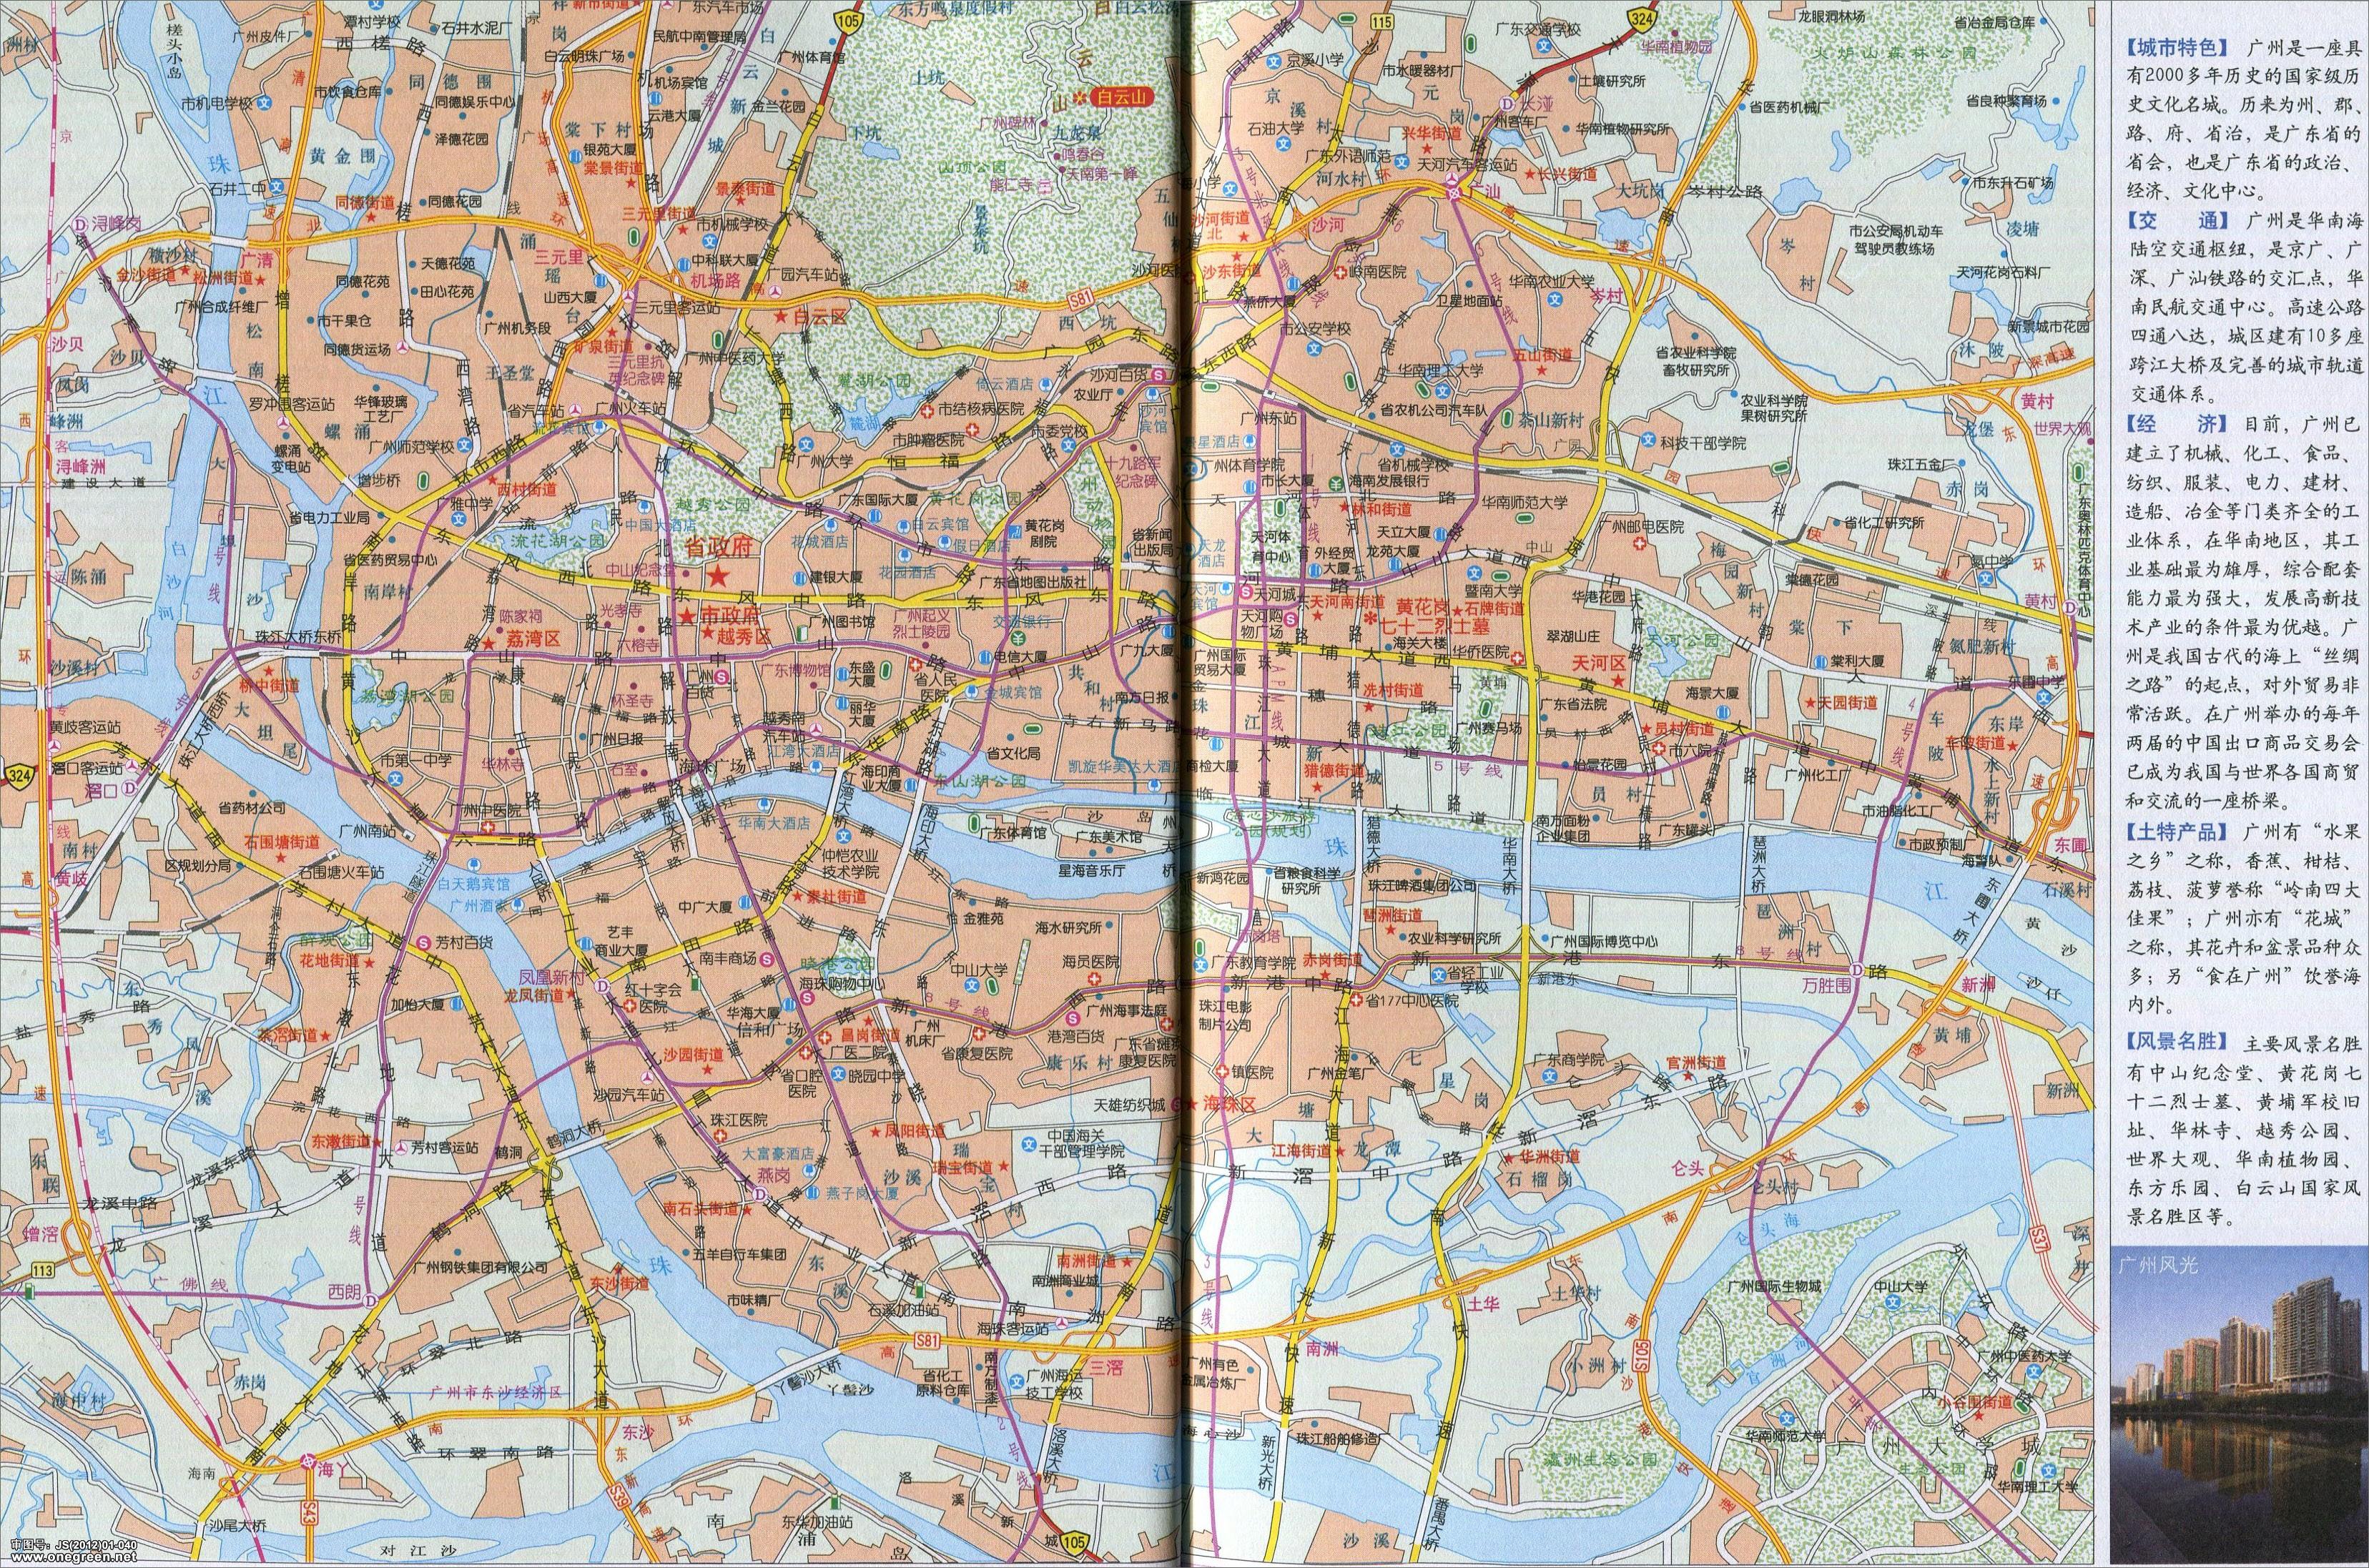 汕尾_广州市城区地图_广州地图库_地图窝